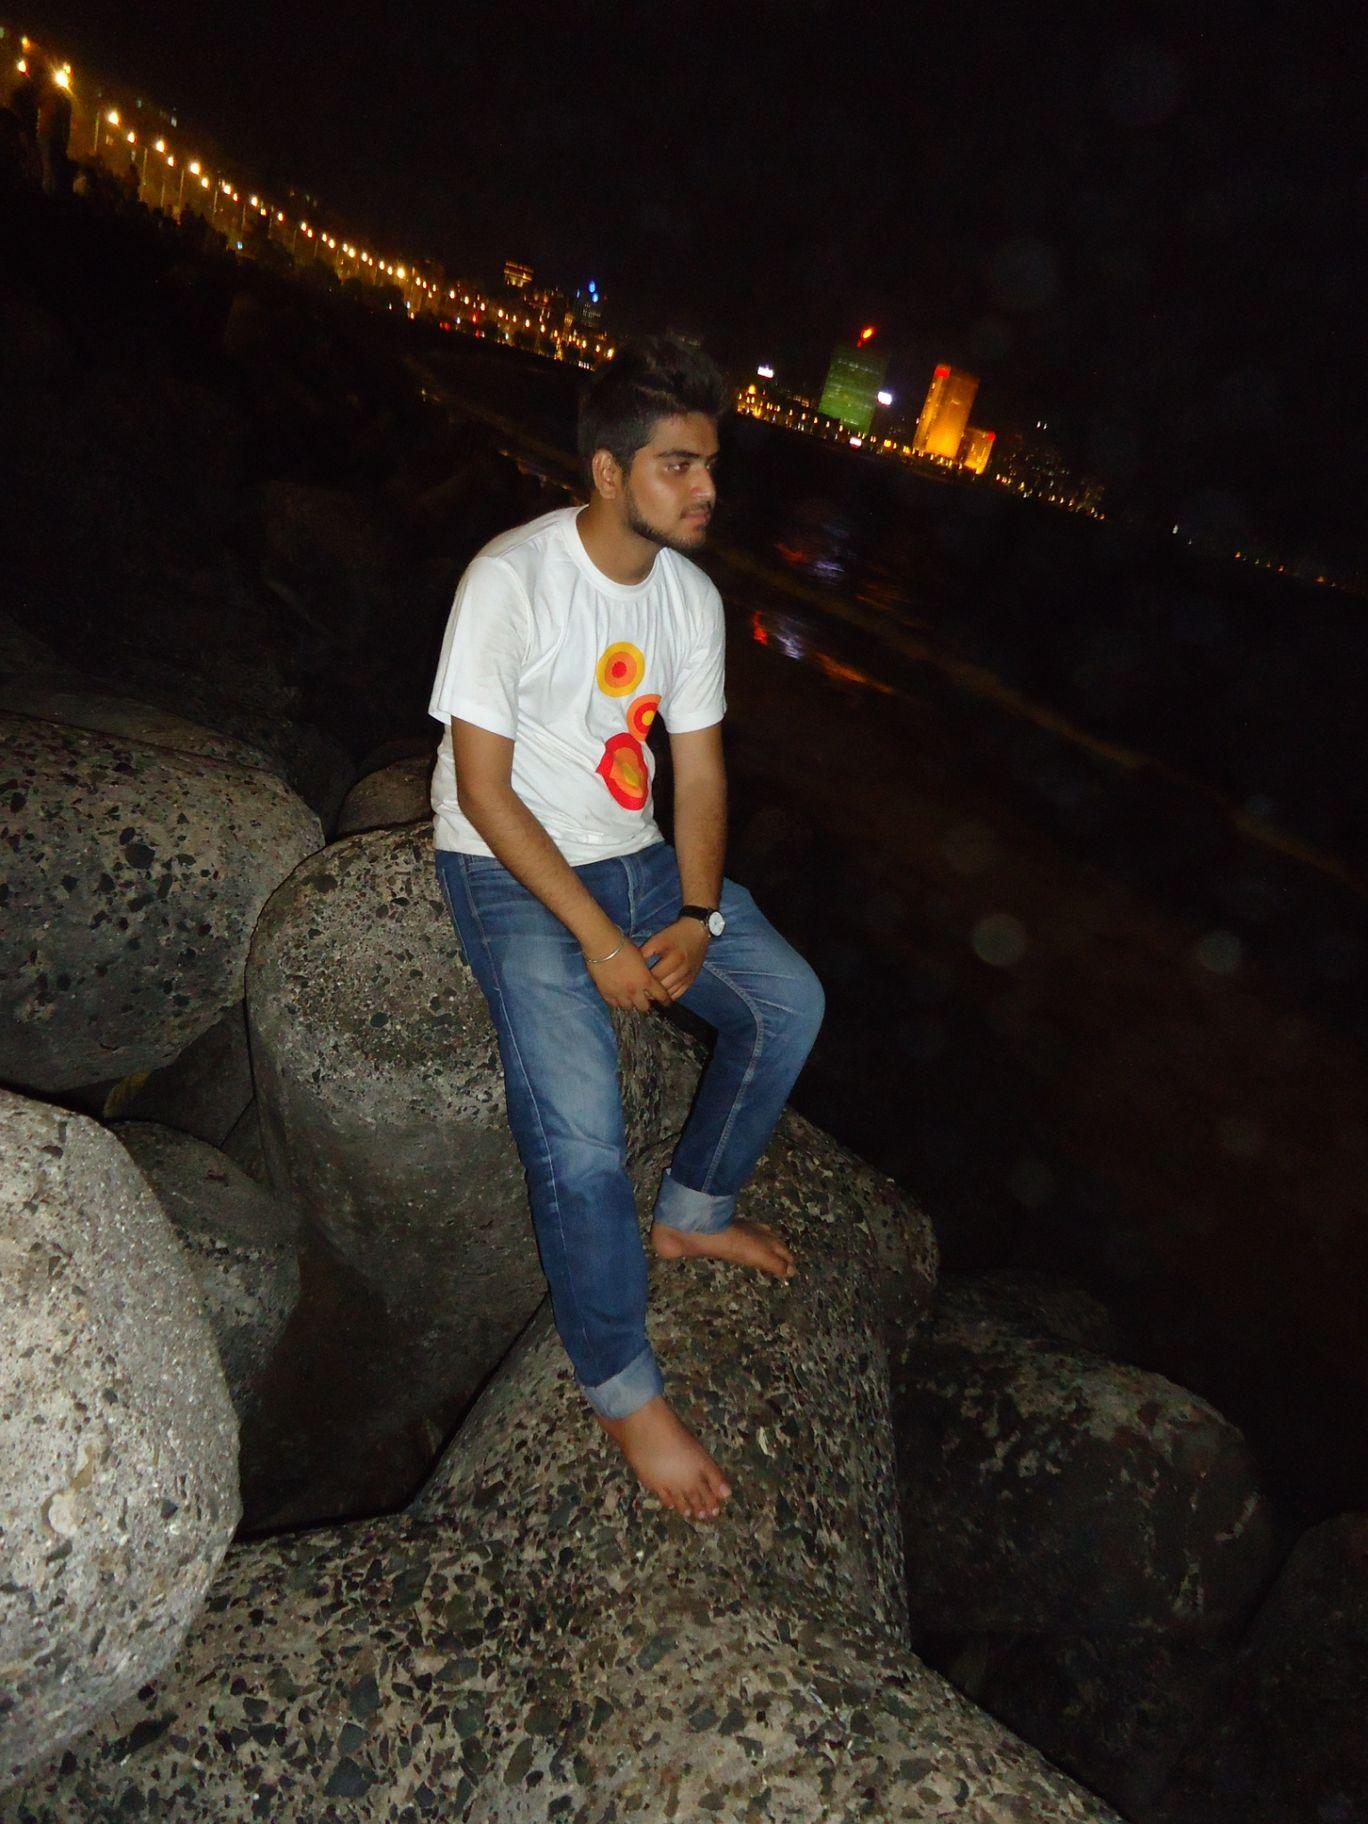 Photo of Mumbai By Harshit jangid